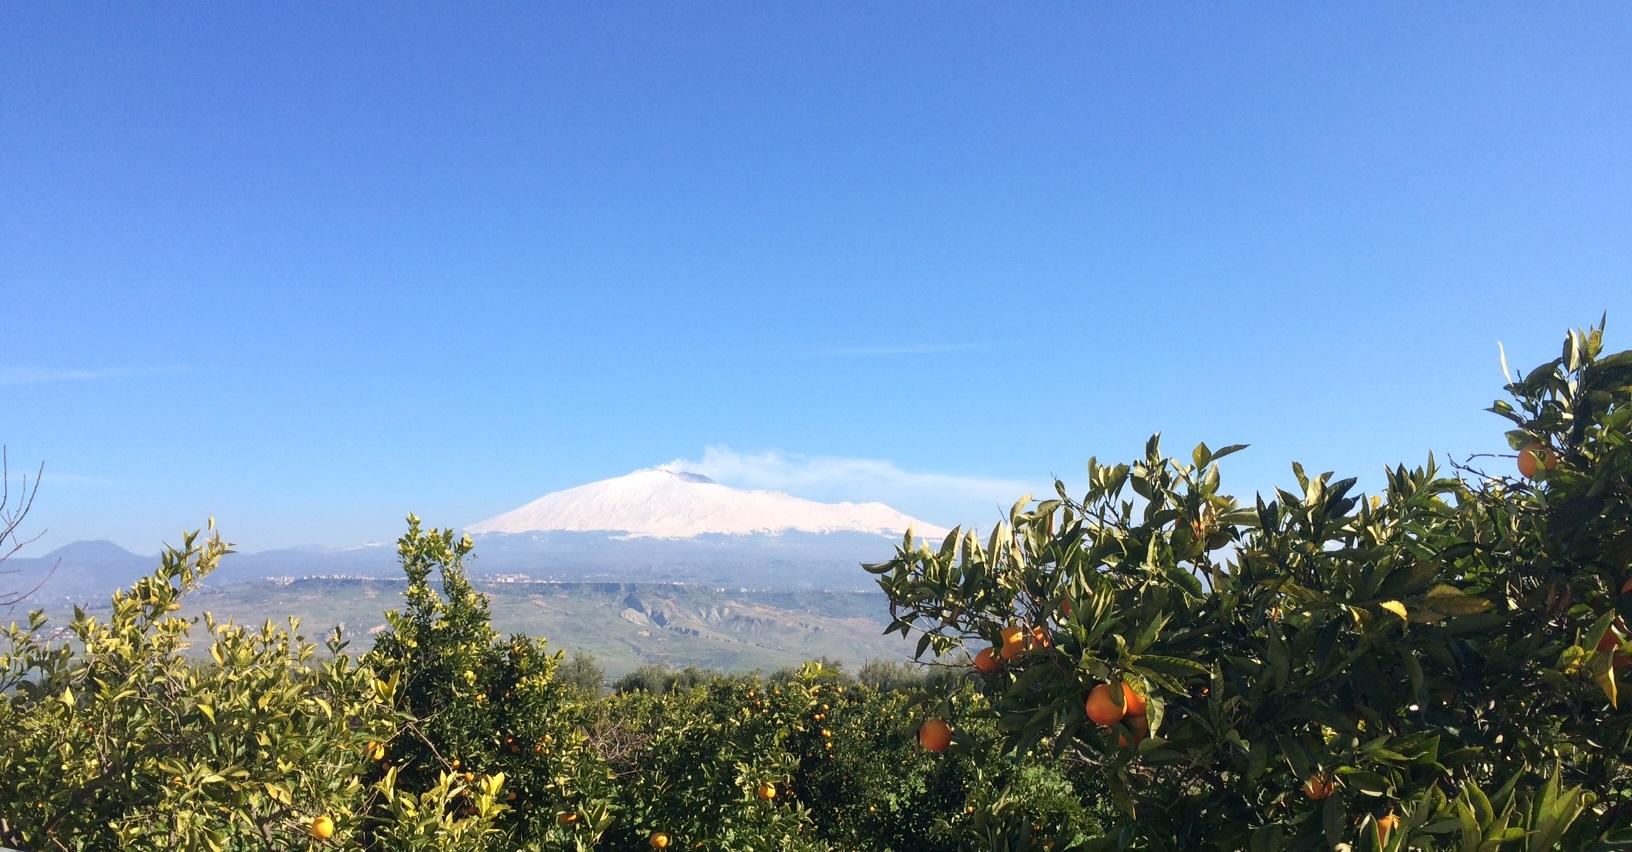 Tarocco's aan de voet van de Etna